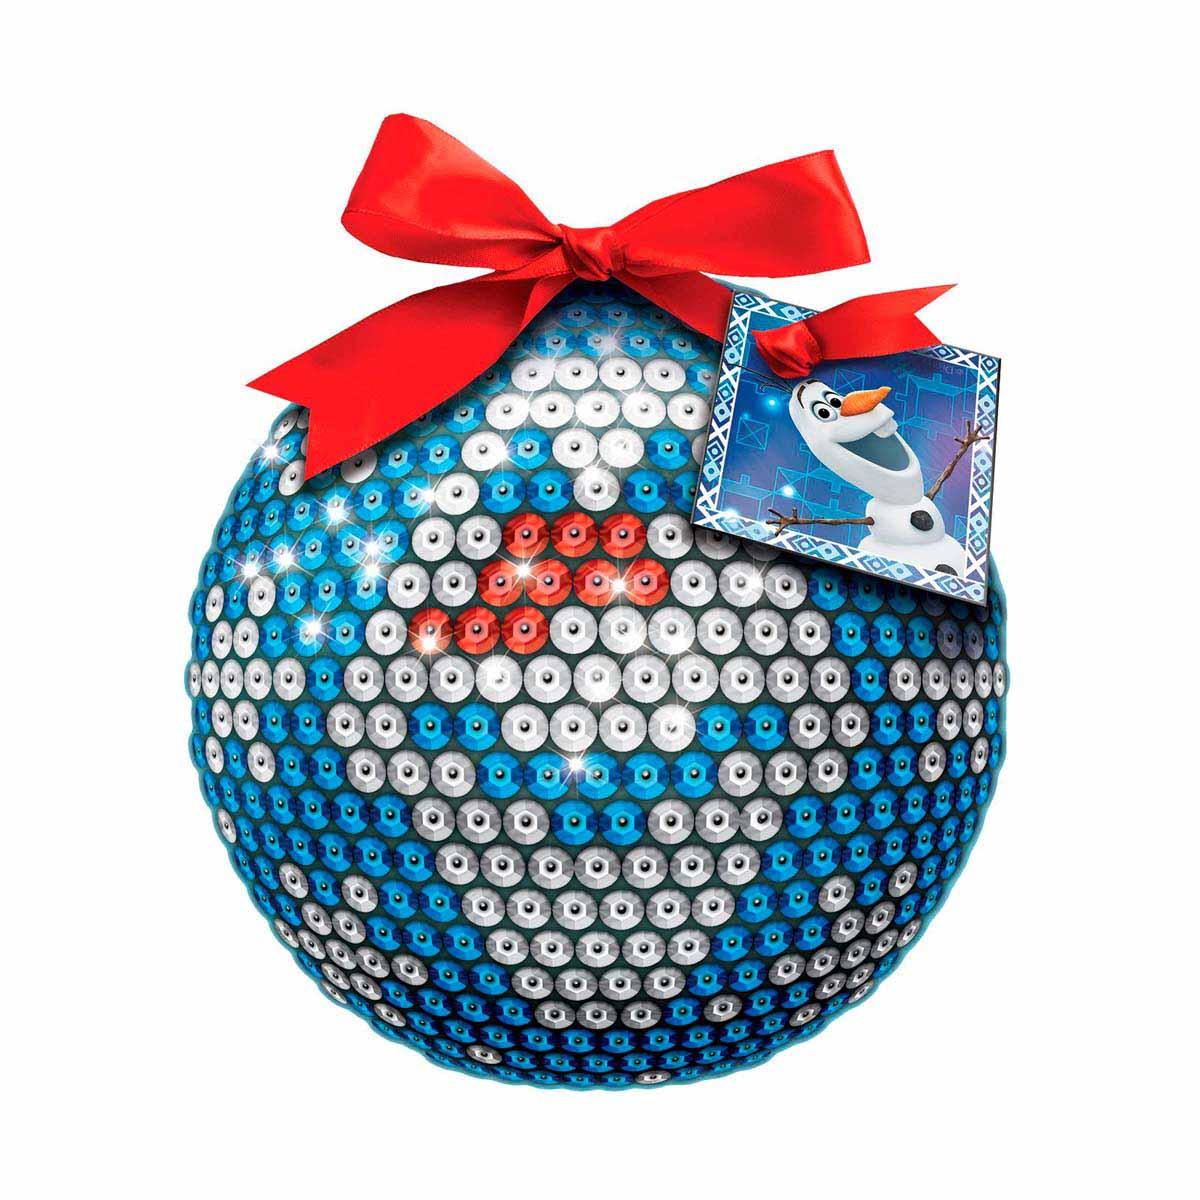 1371705 Новогодний шар 'Олов' Холодное сердце с пайетками + крепления + лента + мини-открытка